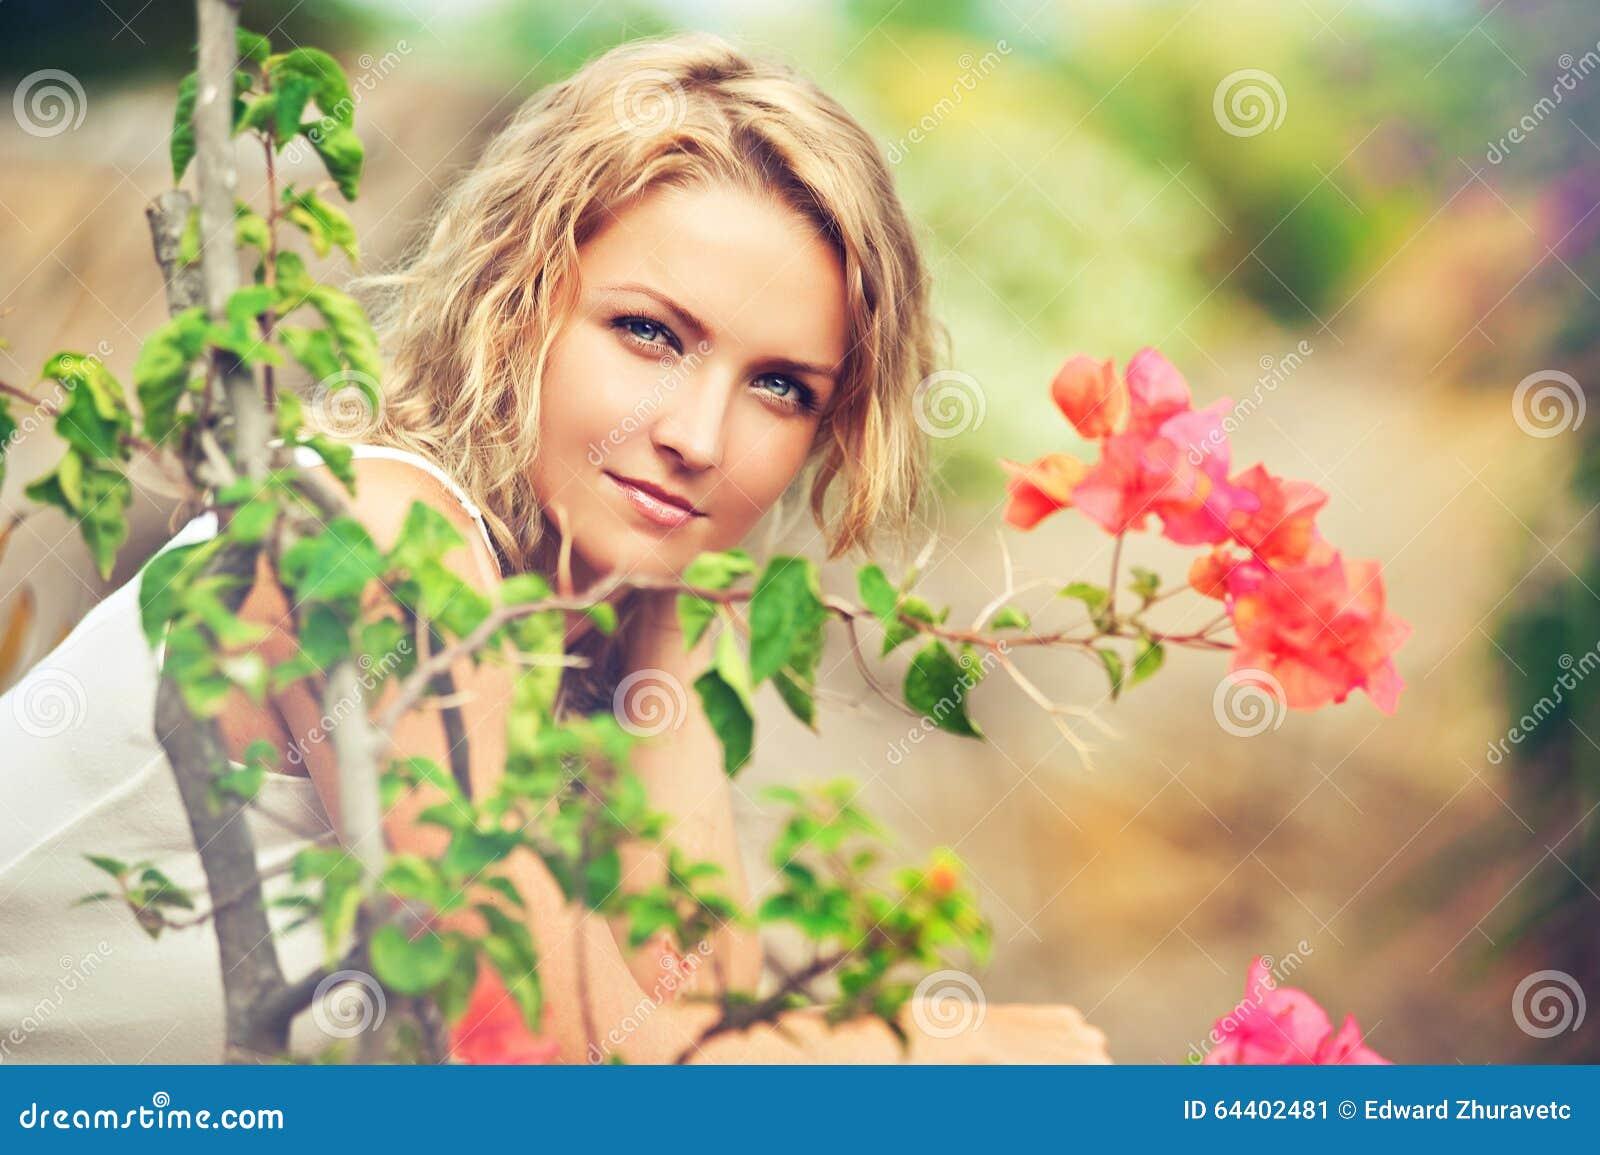 Πορτρέτο της όμορφης νέας γυναίκας στη φύση